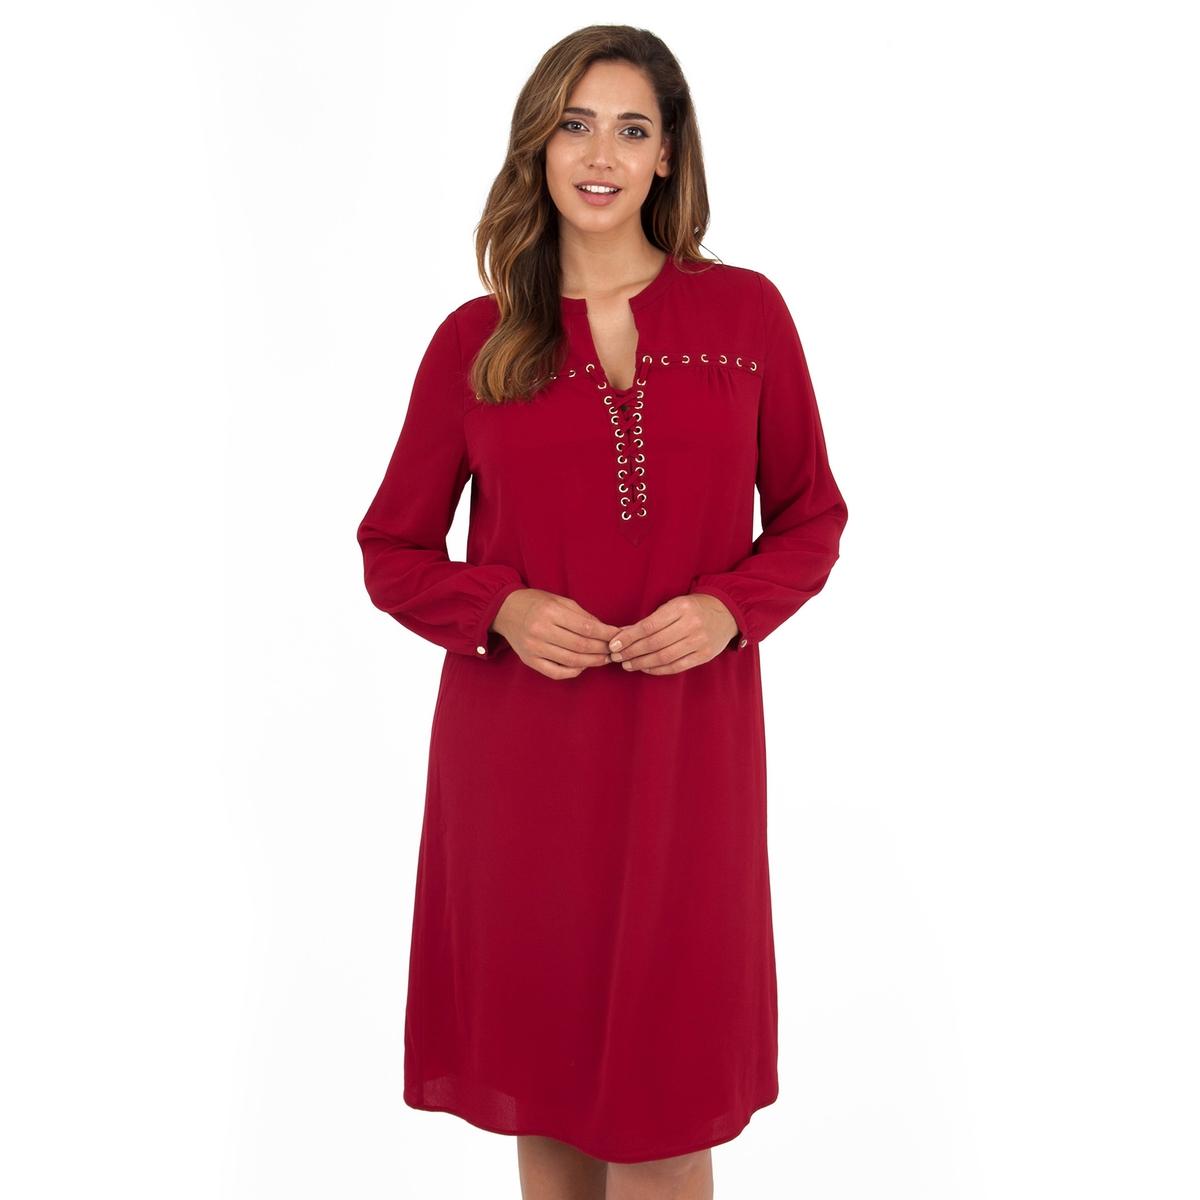 ПлатьеПлатье с длинными рукавами - LOVEDROBE. Притягательный красный цвет и красивый эффект шнуровки в области декольте. Манжеты с небольшими золотистыми пуговицами. Длина ок.104 см. 100% полиэстера.<br><br>Цвет: бордовый<br>Размер: 48 (FR) - 54 (RUS)